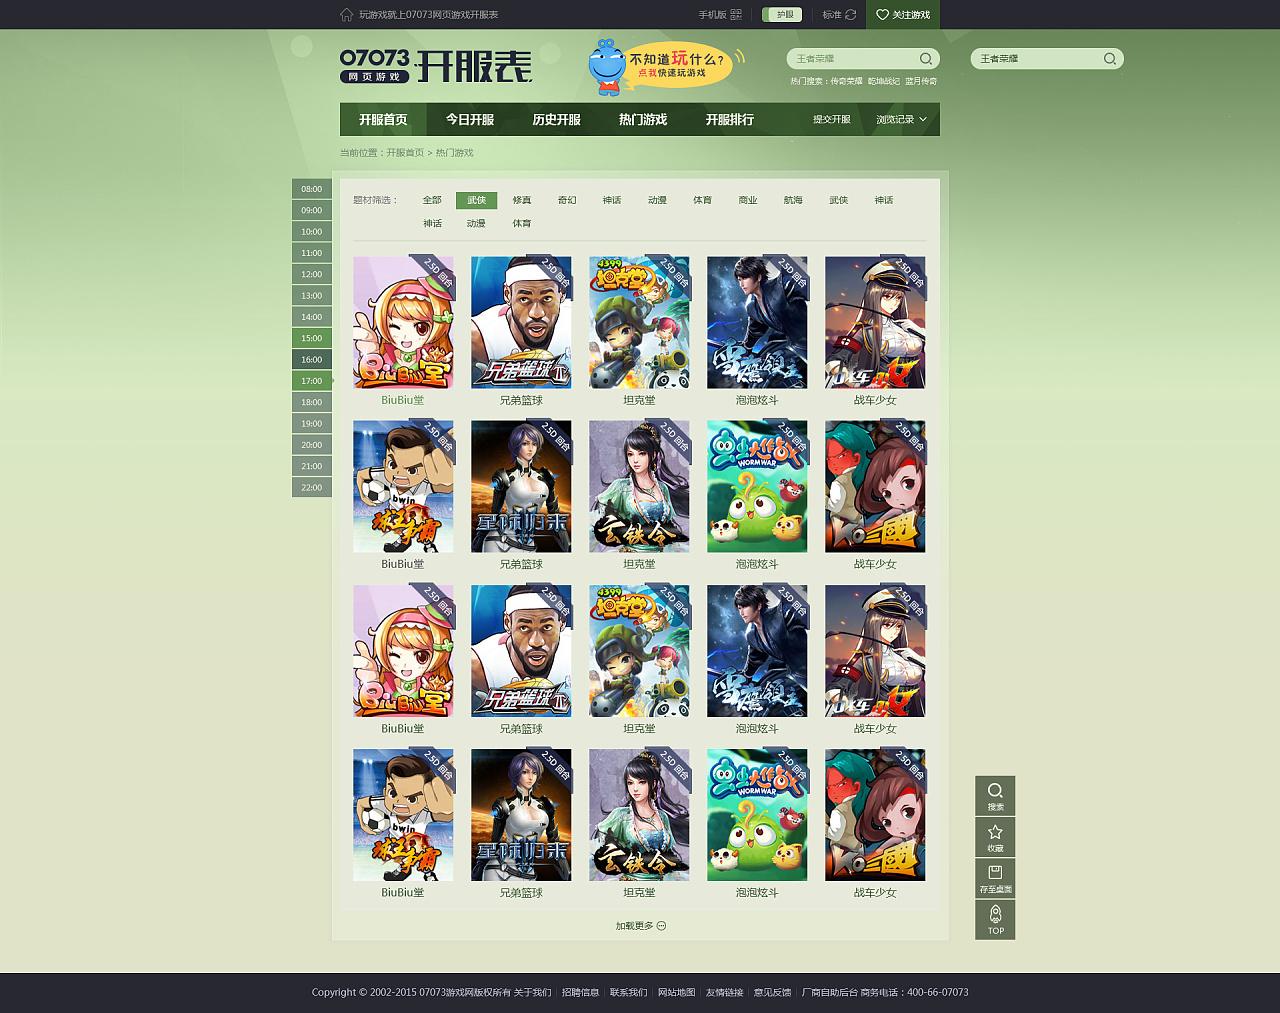 07073网页游戏-开服表